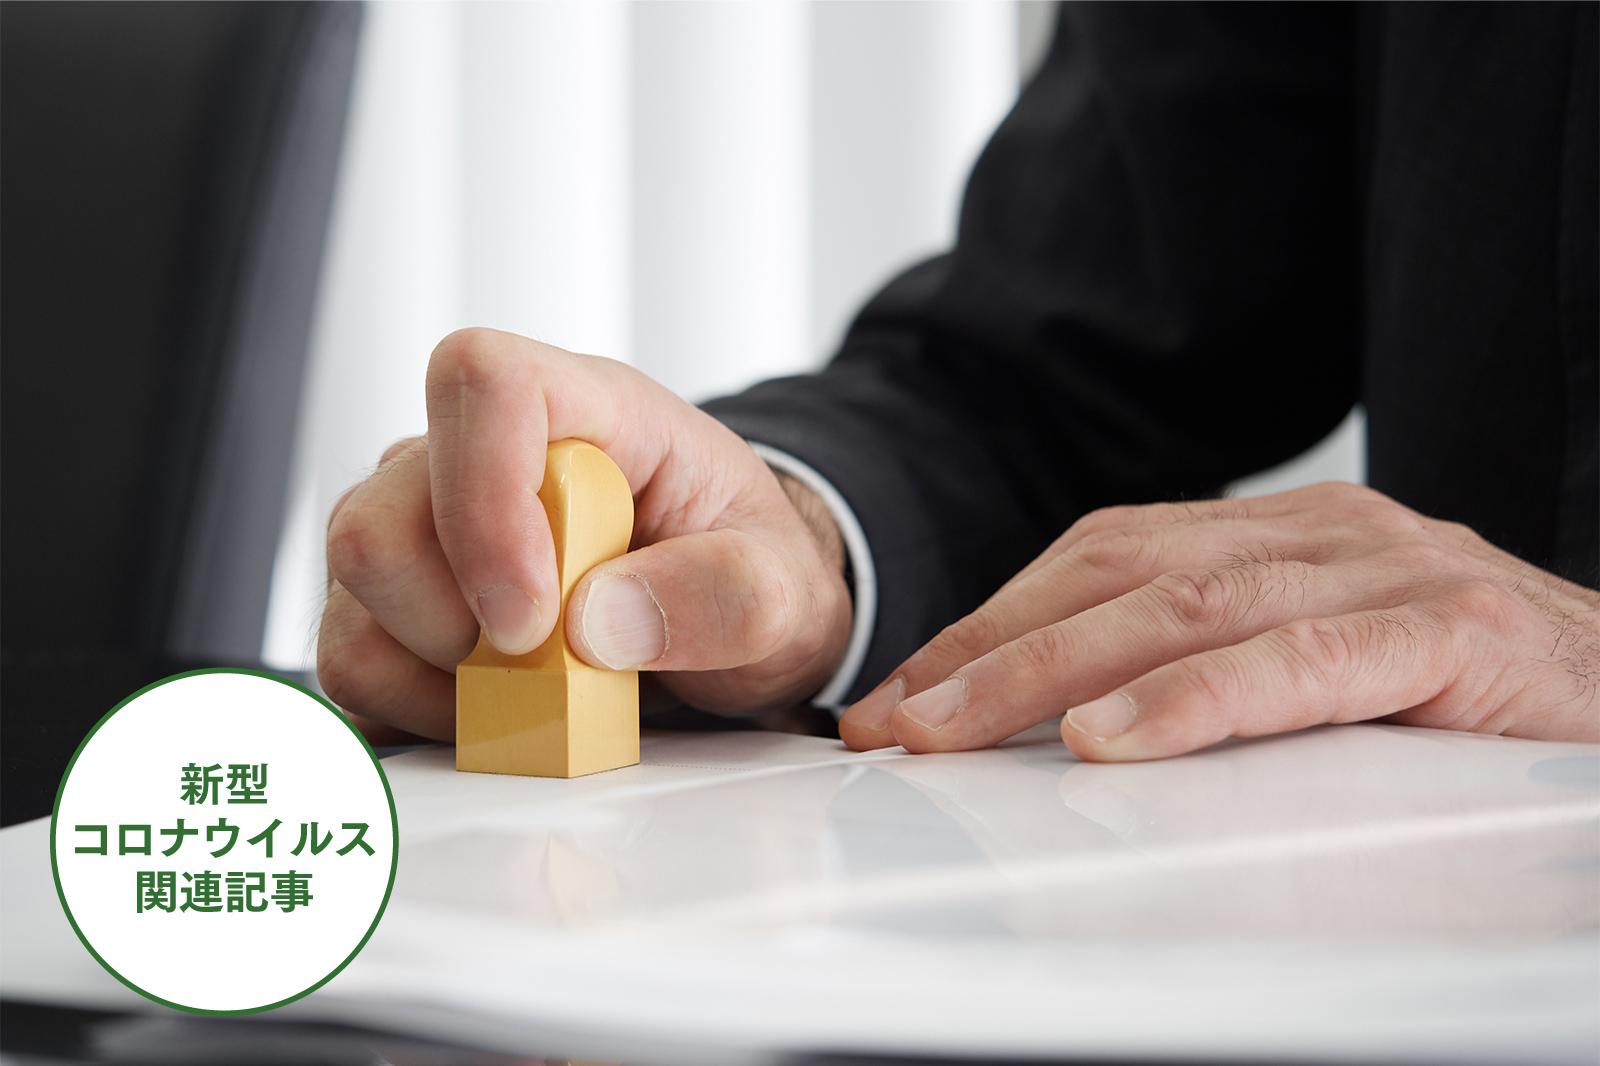 小さな会社でも脱ハンコはできる?「印鑑」というハードルを越える方法